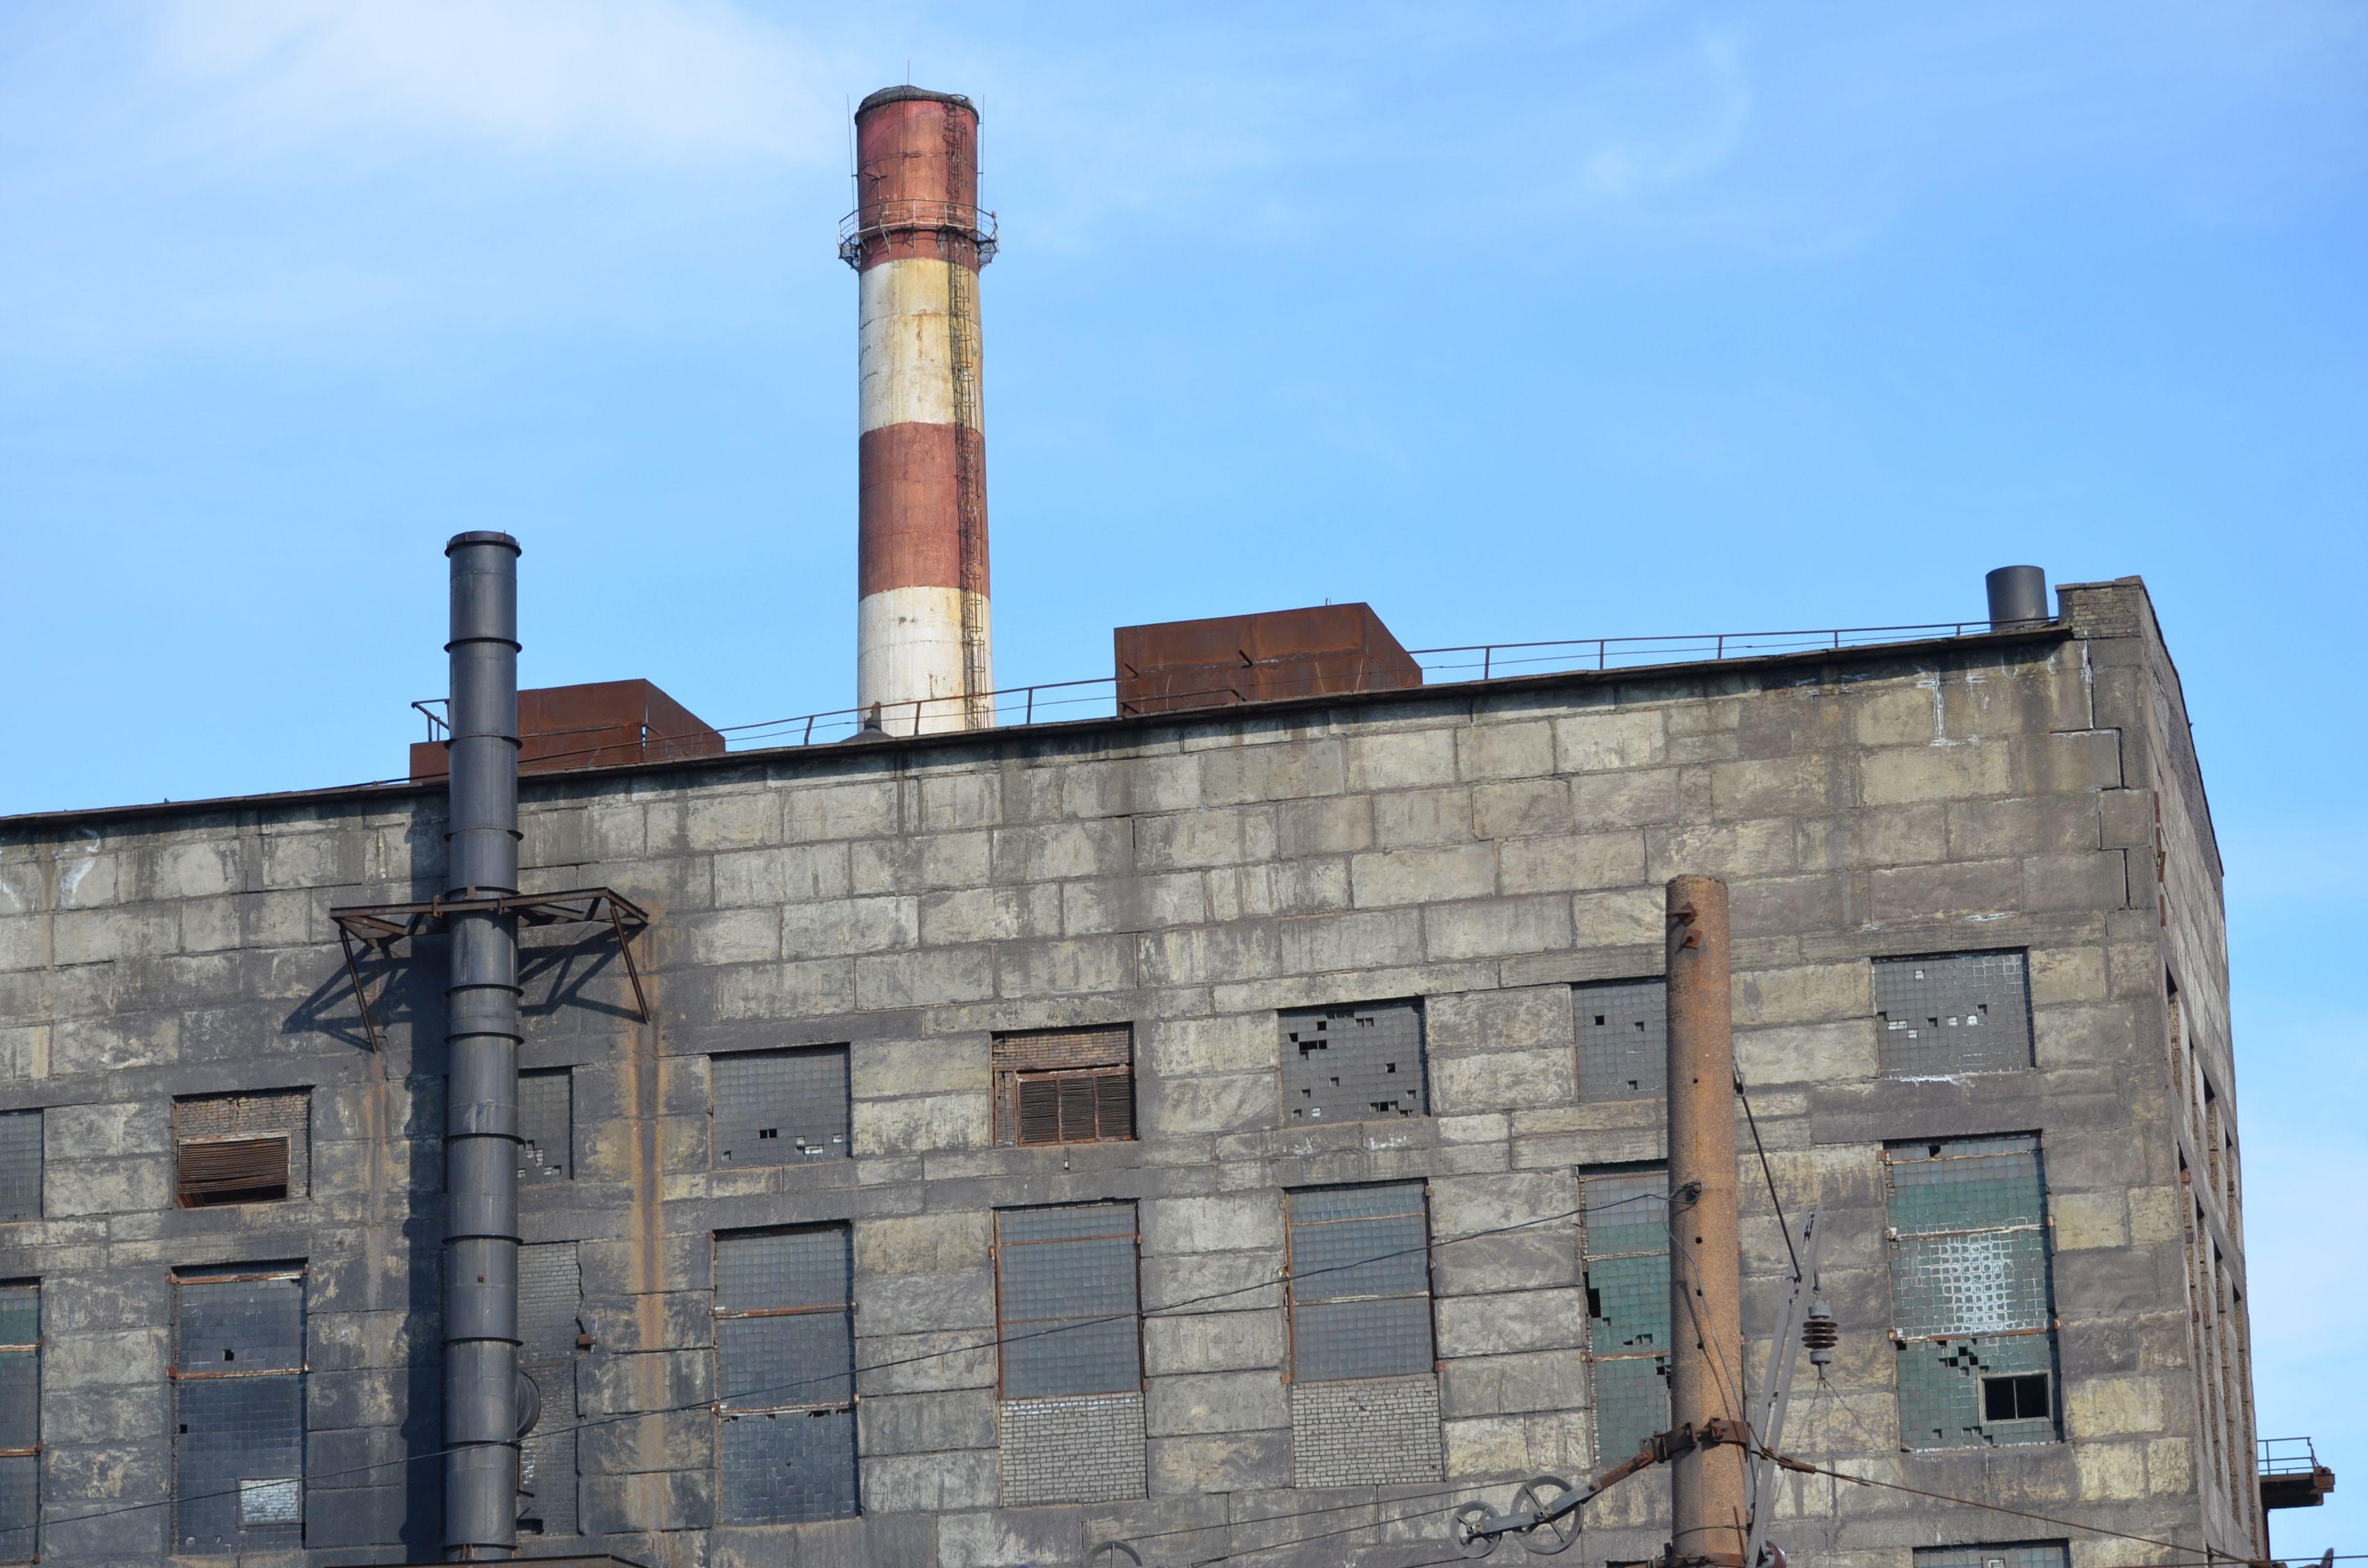 Кольская ГМК полностью отказалась от устаревшей технологии подготовки сырья, существенно улучшив экологическую ситуацию в Заполярном